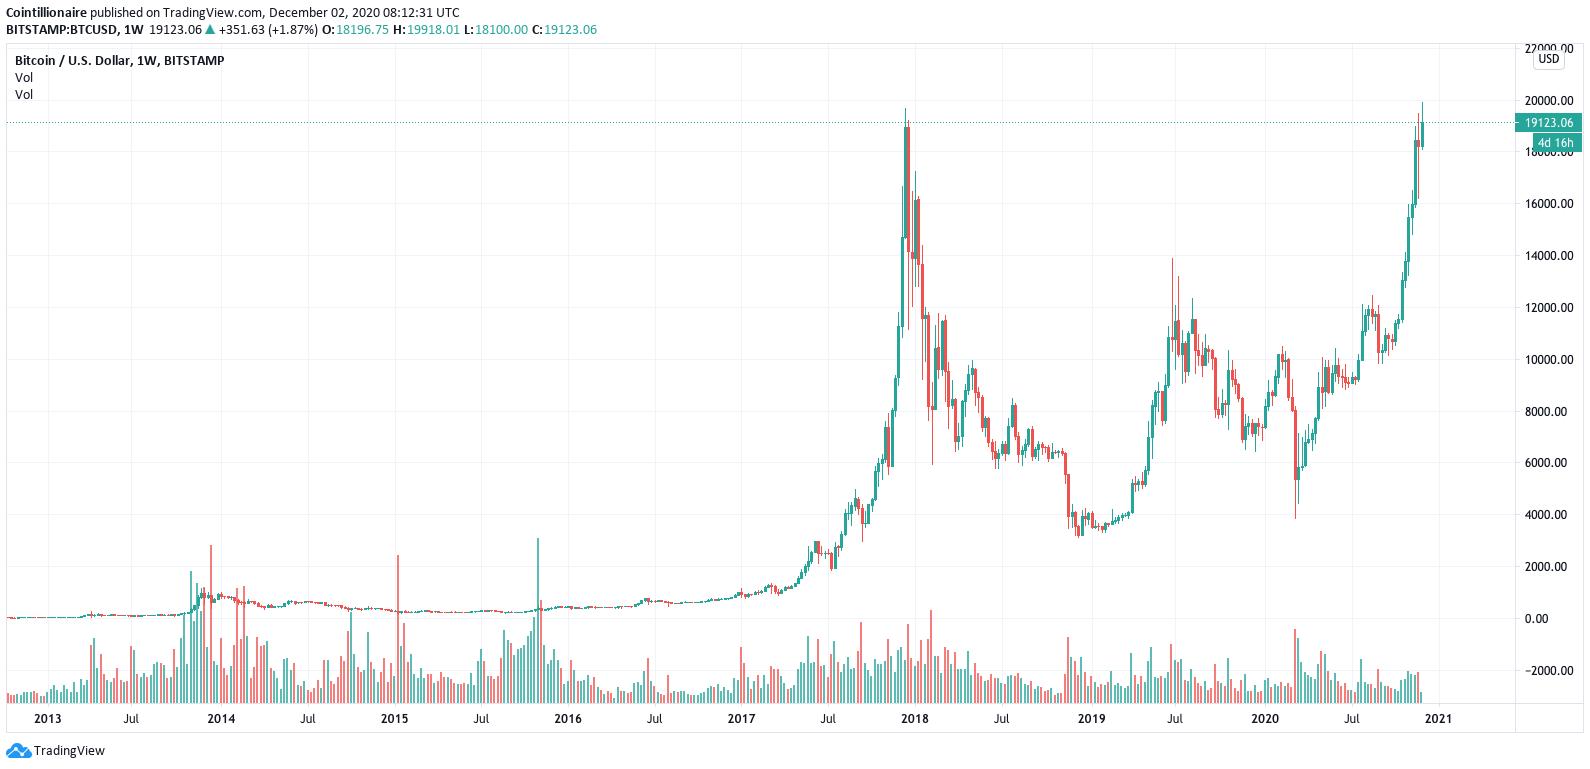 Grafico settimanale della coppia BTC/USD (Bitstamp)